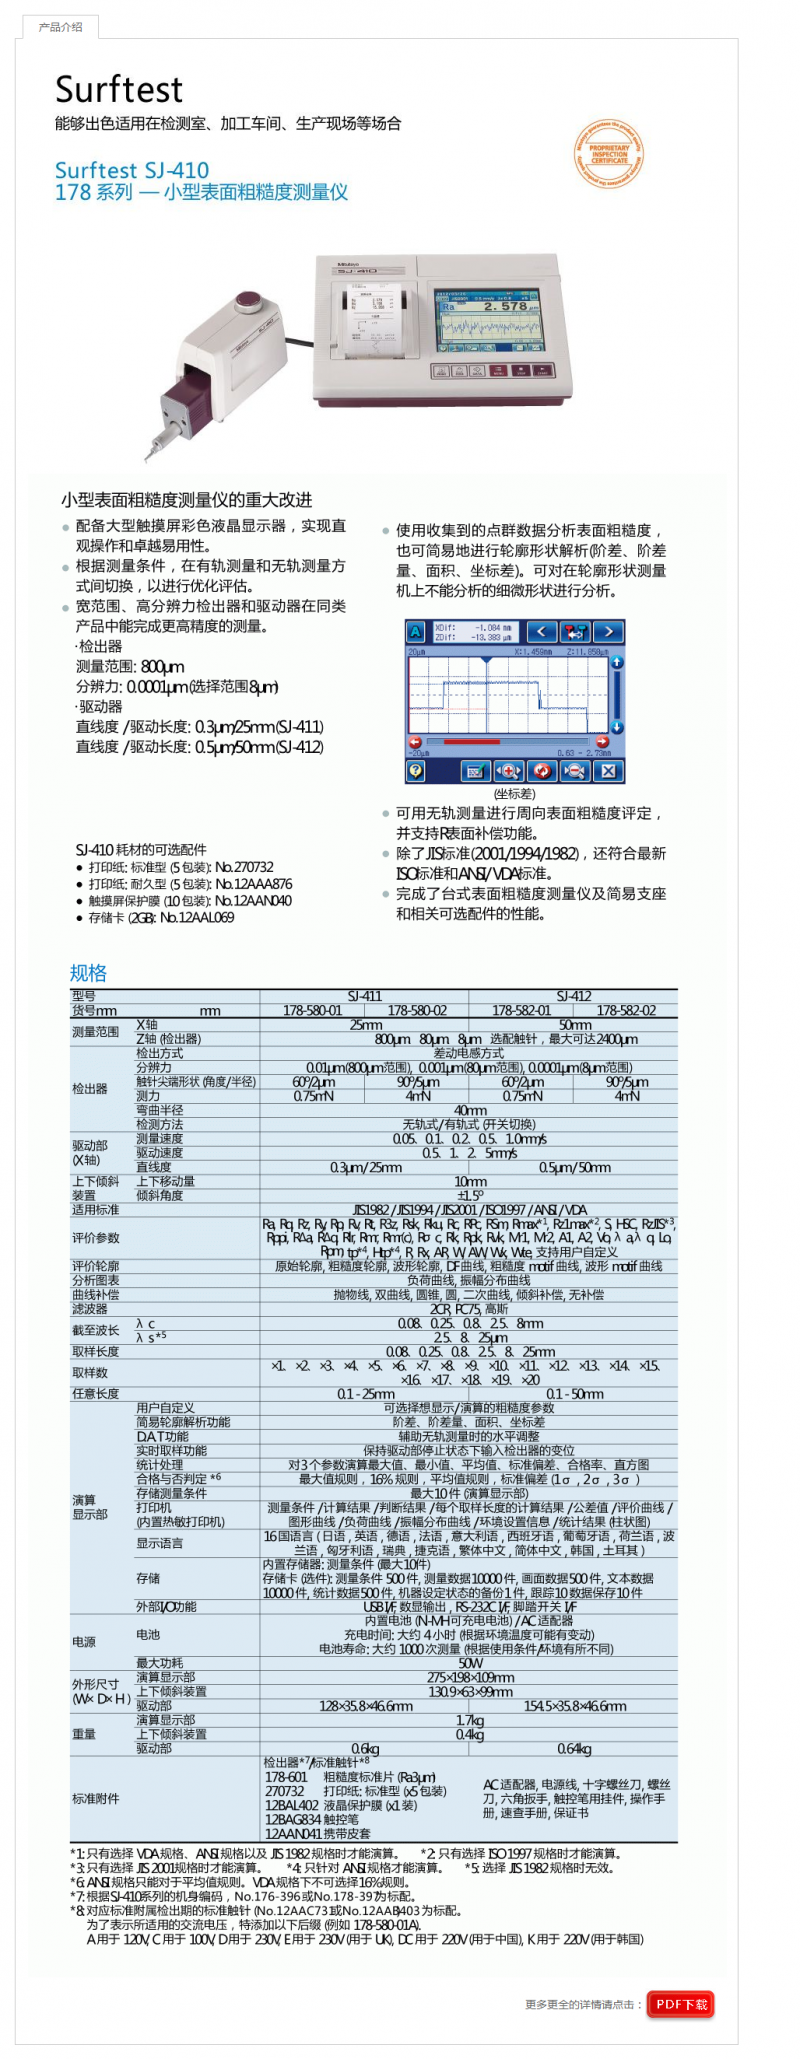 SJ-410 小型表面粗糙度测量仪 - 表面粗糙度测量仪 - 量仪信息 - 三丰Mitutoyo精密